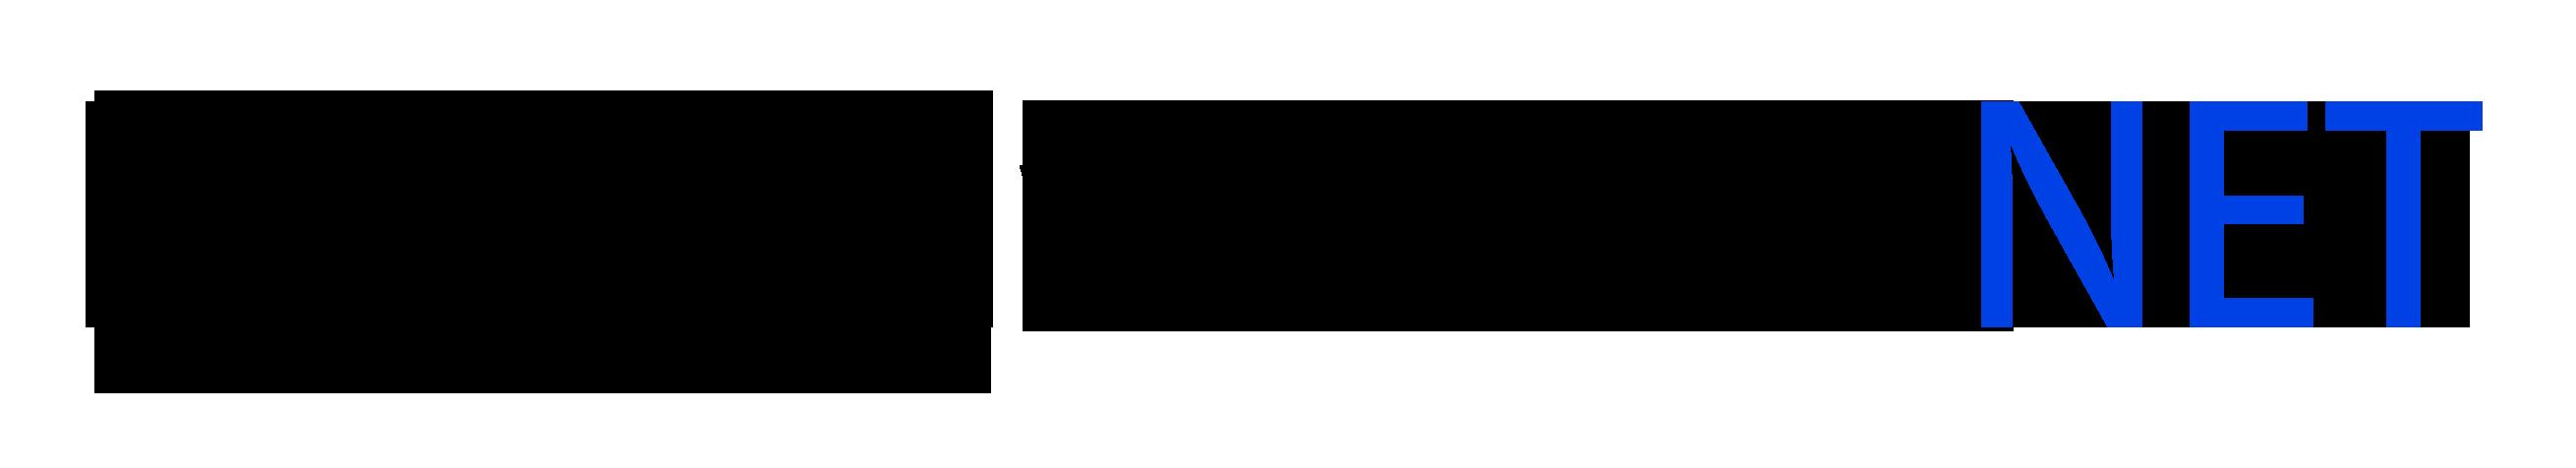 Wpftoolkit mittels NuGet in VS 2017 einbinden